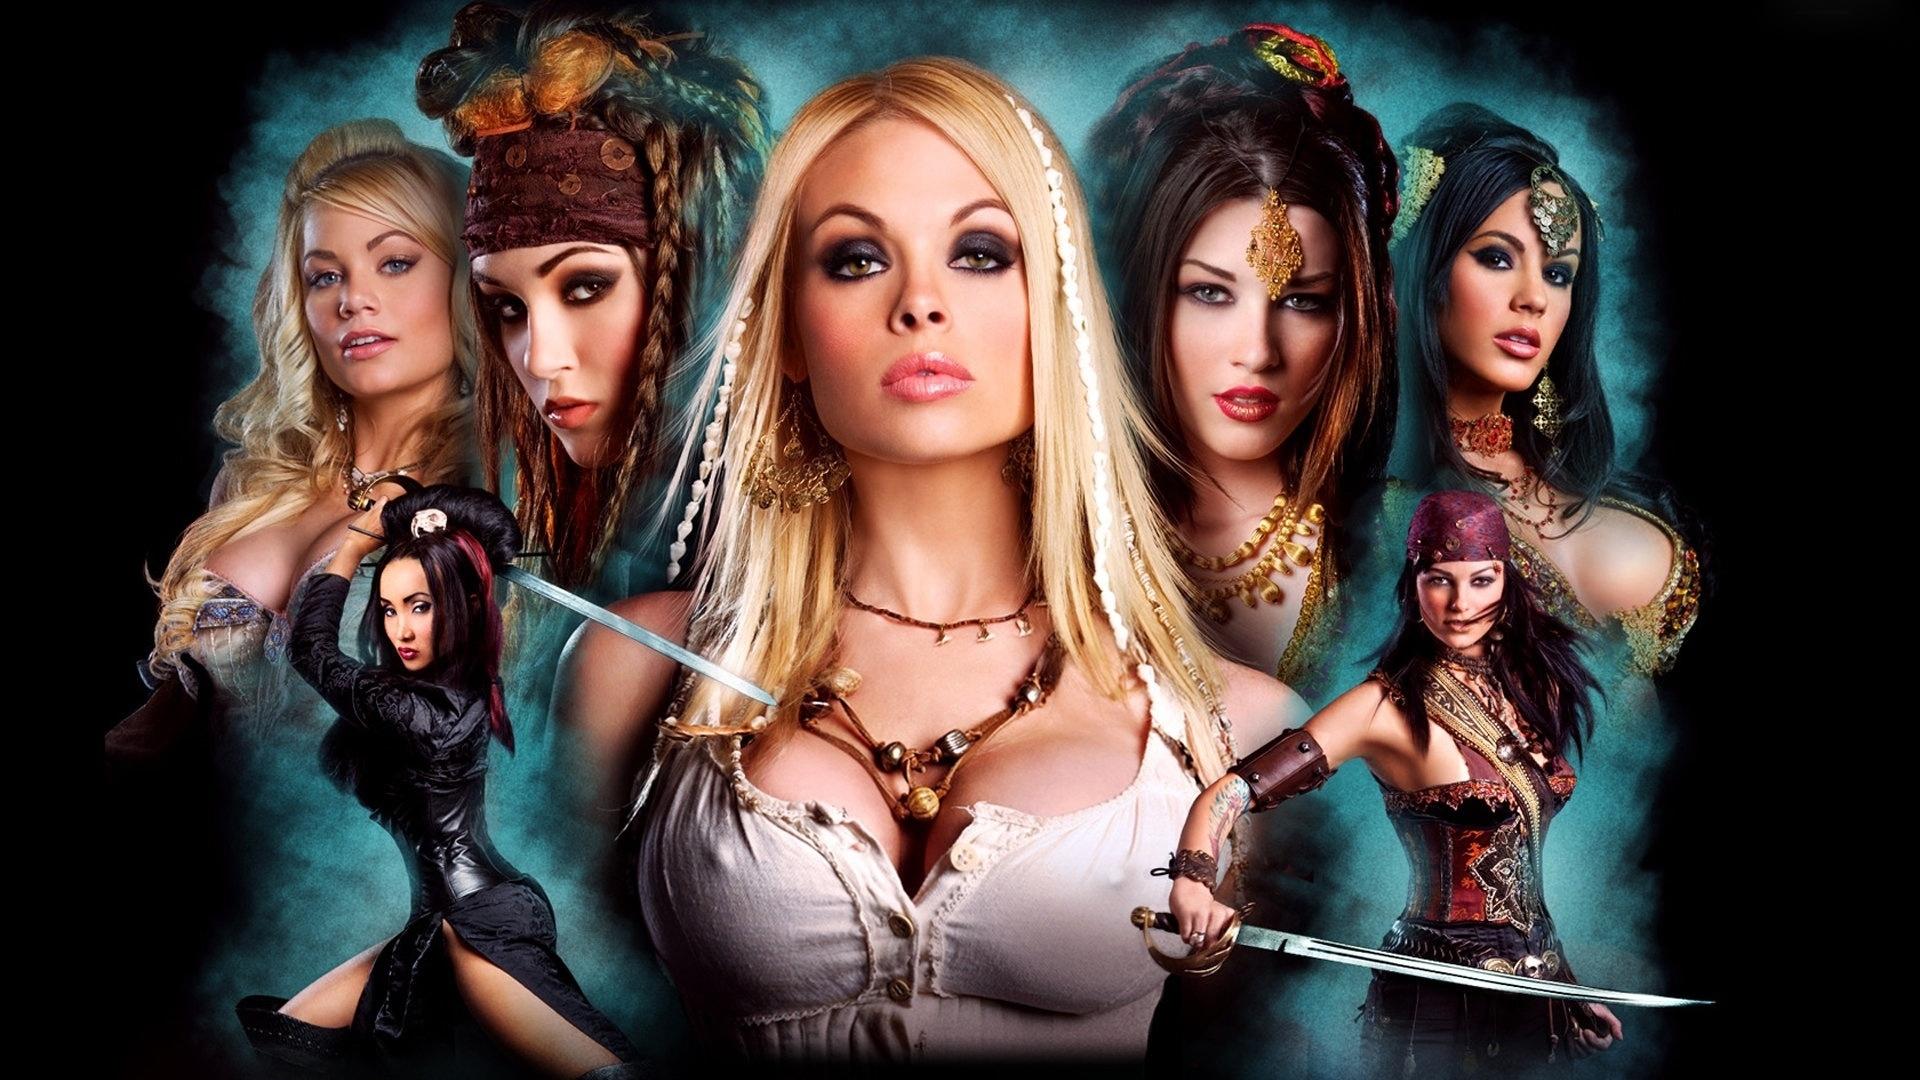 Avatar Porno Pelicula la película porno más cara de la historia — el blog de yes